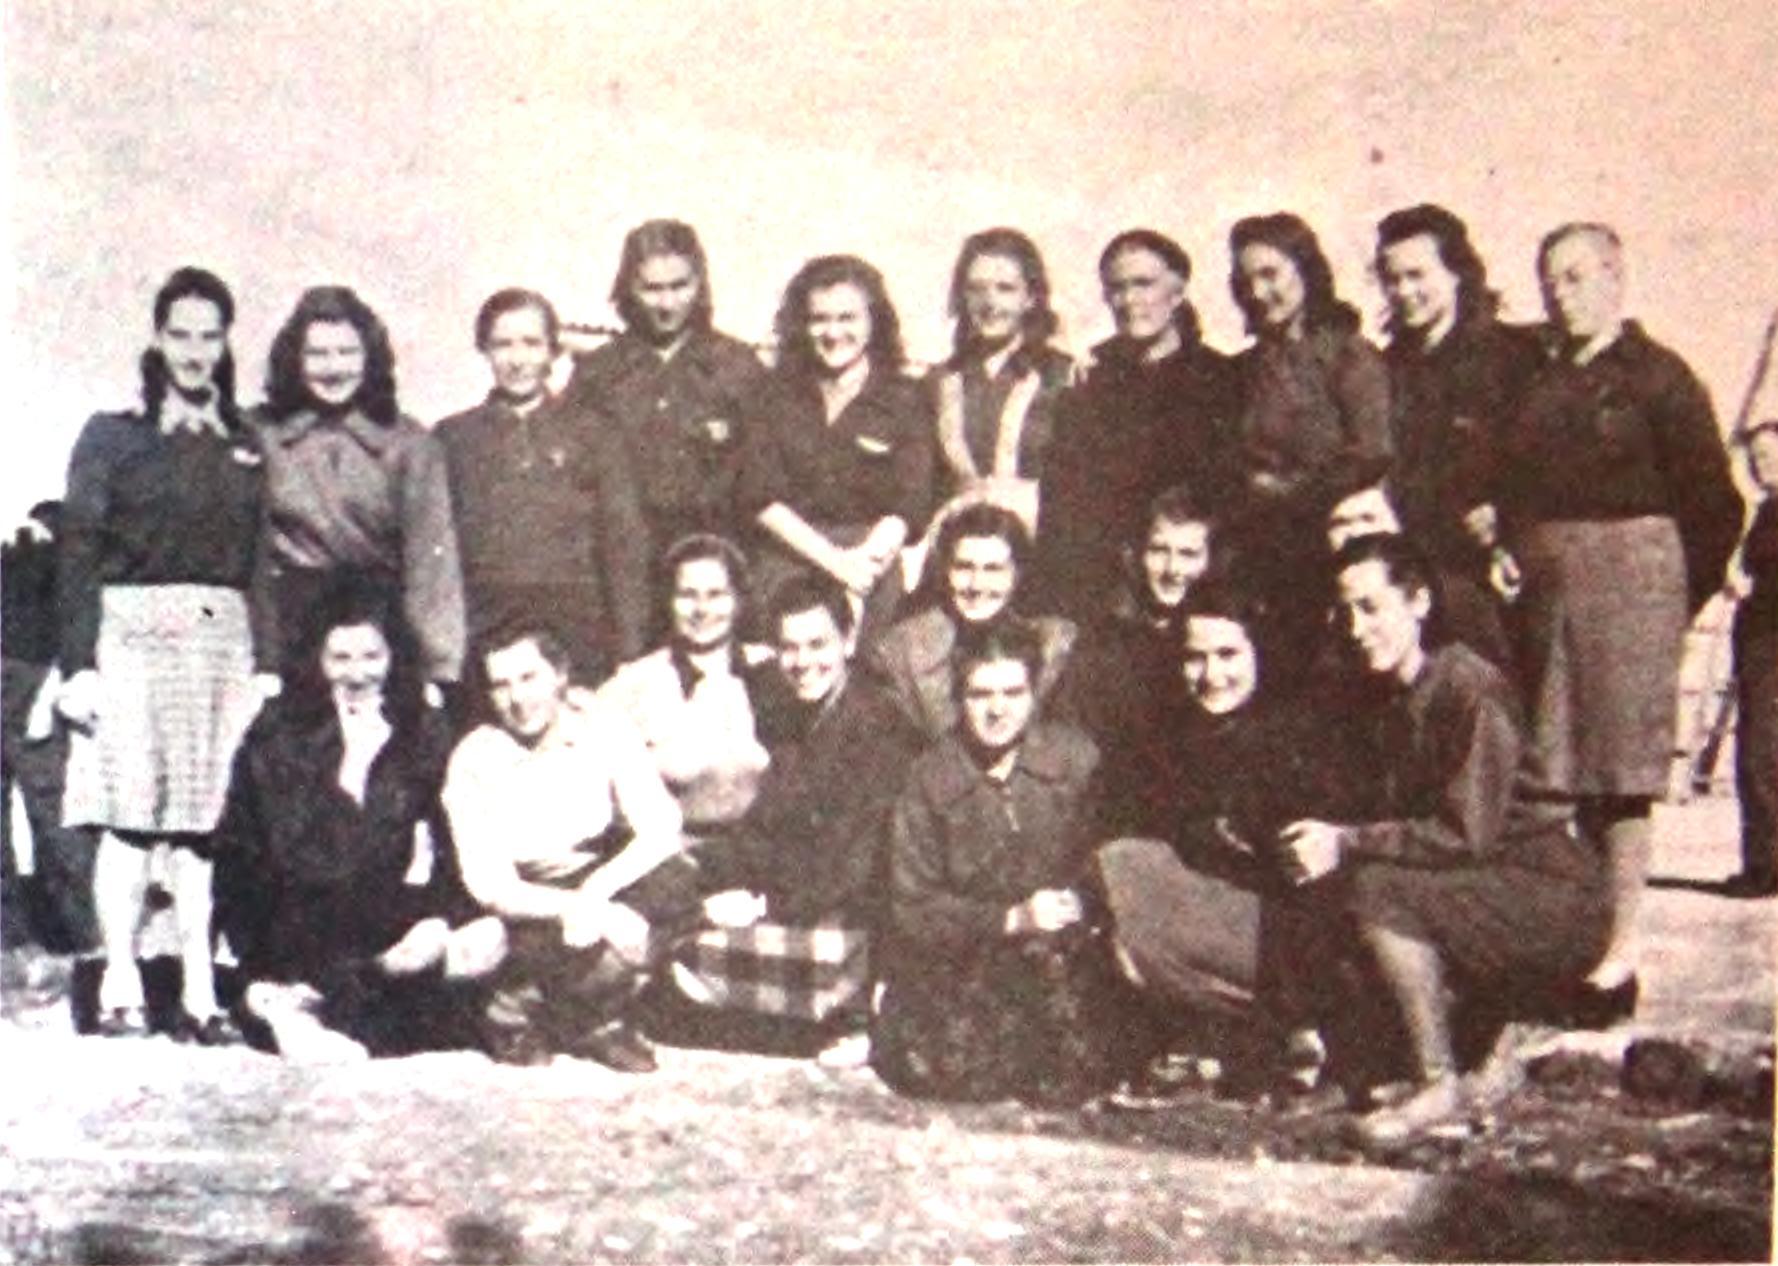 Skupina oslobođenih zatvorenica u partizanskom kampu Carbonara, četvrta slijeva stoji Vida Tomšič, 16. listopada 1943. godine (Izvor: commons.wikimedia.org)